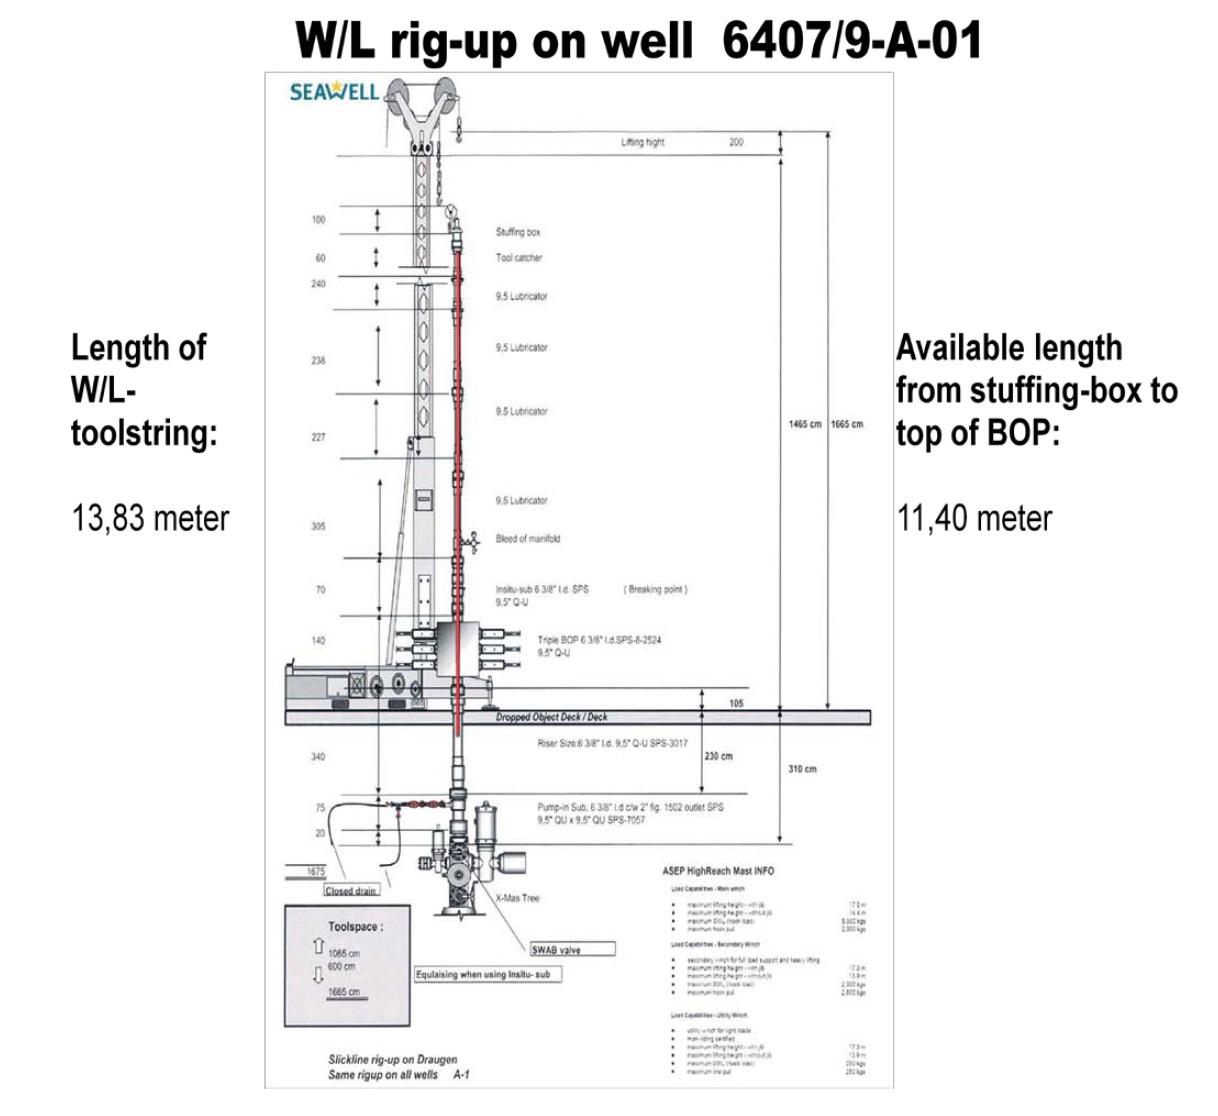 wireline well: